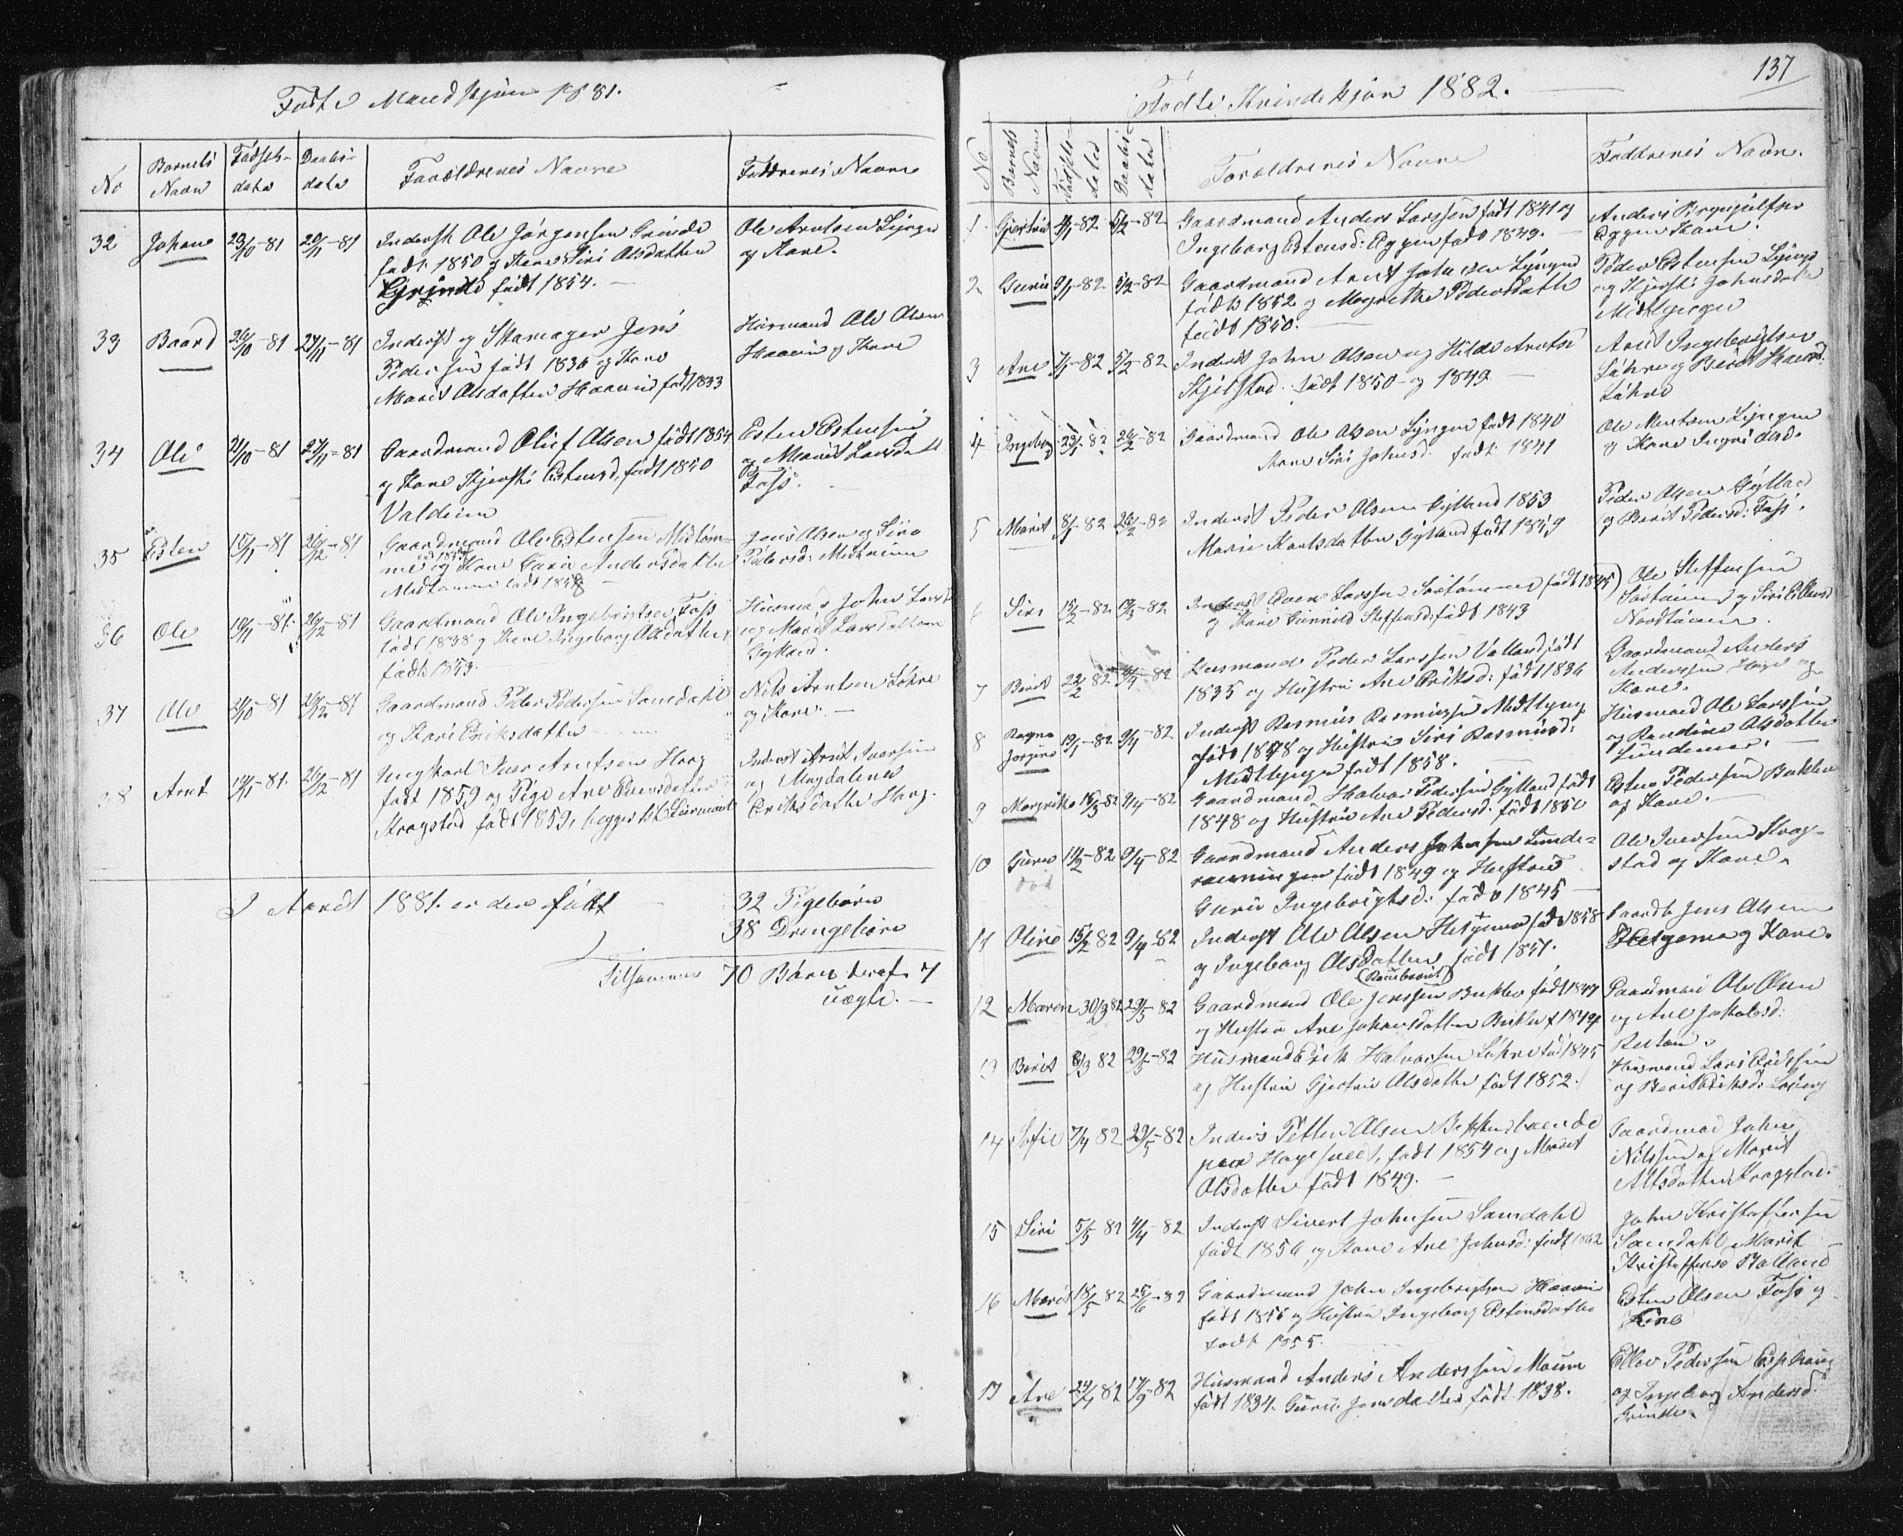 SAT, Ministerialprotokoller, klokkerbøker og fødselsregistre - Sør-Trøndelag, 692/L1110: Klokkerbok nr. 692C05, 1849-1889, s. 137